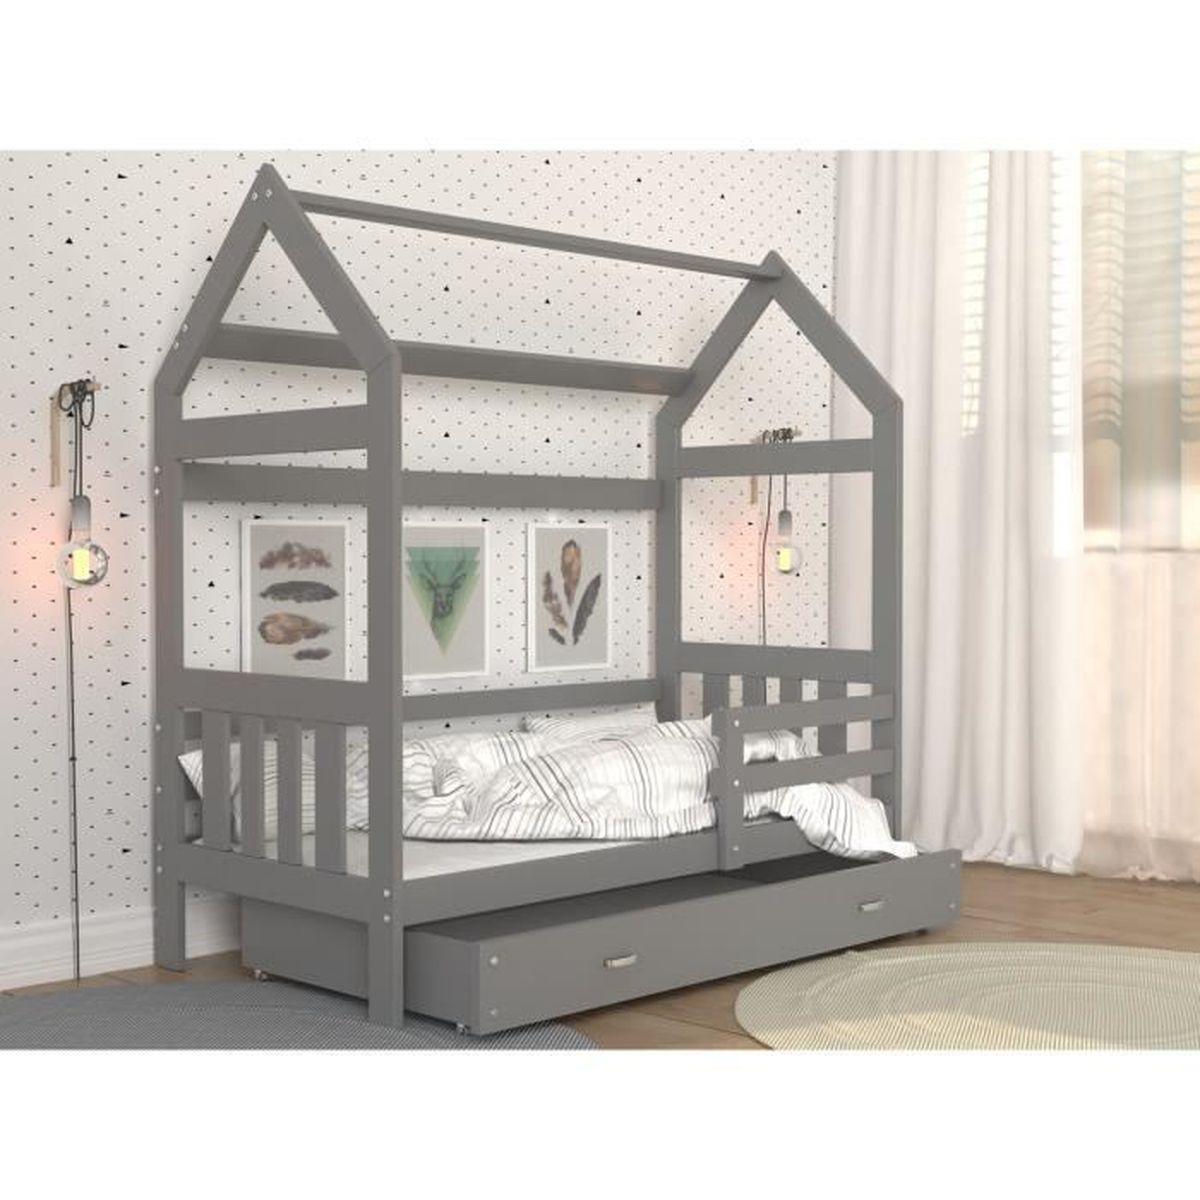 Diy Lit Cabane 90X190 ameublement et décoration kids literie lit cabane 160x80 en